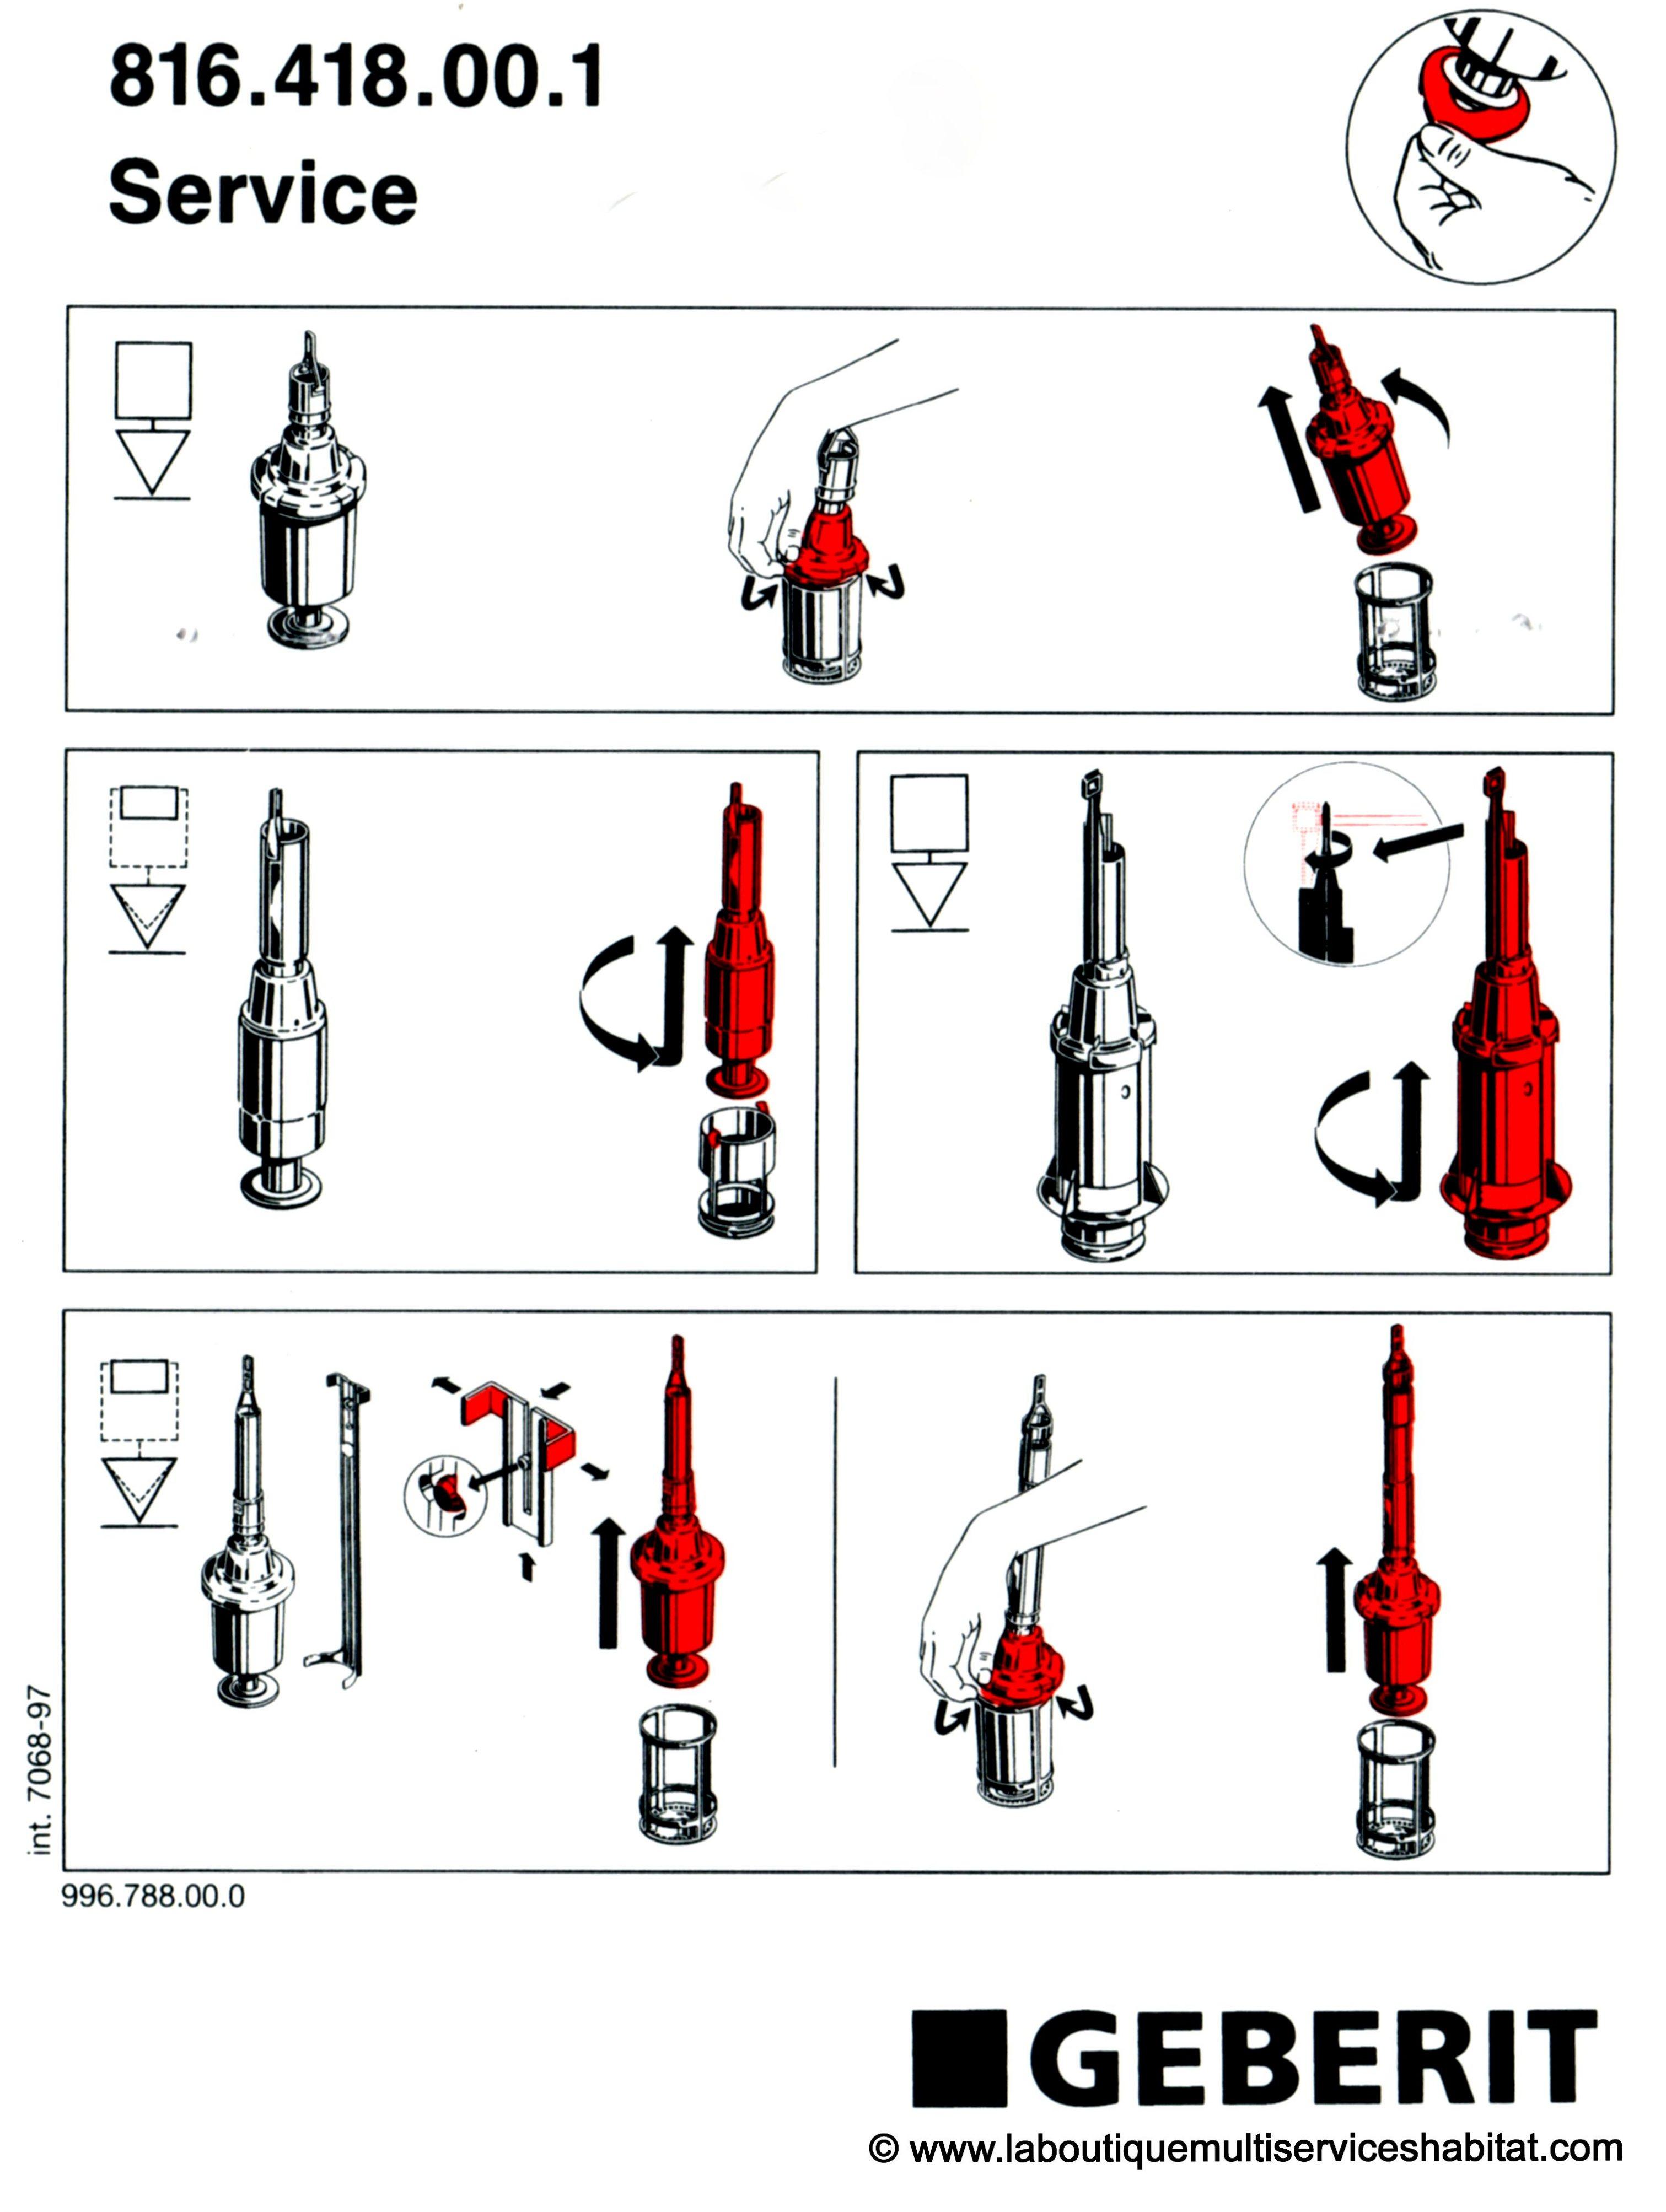 Notice De Service Geberit Remplacement Des Joints De Mecanismes De Chasse Laboutiquemultiserviceshabitat